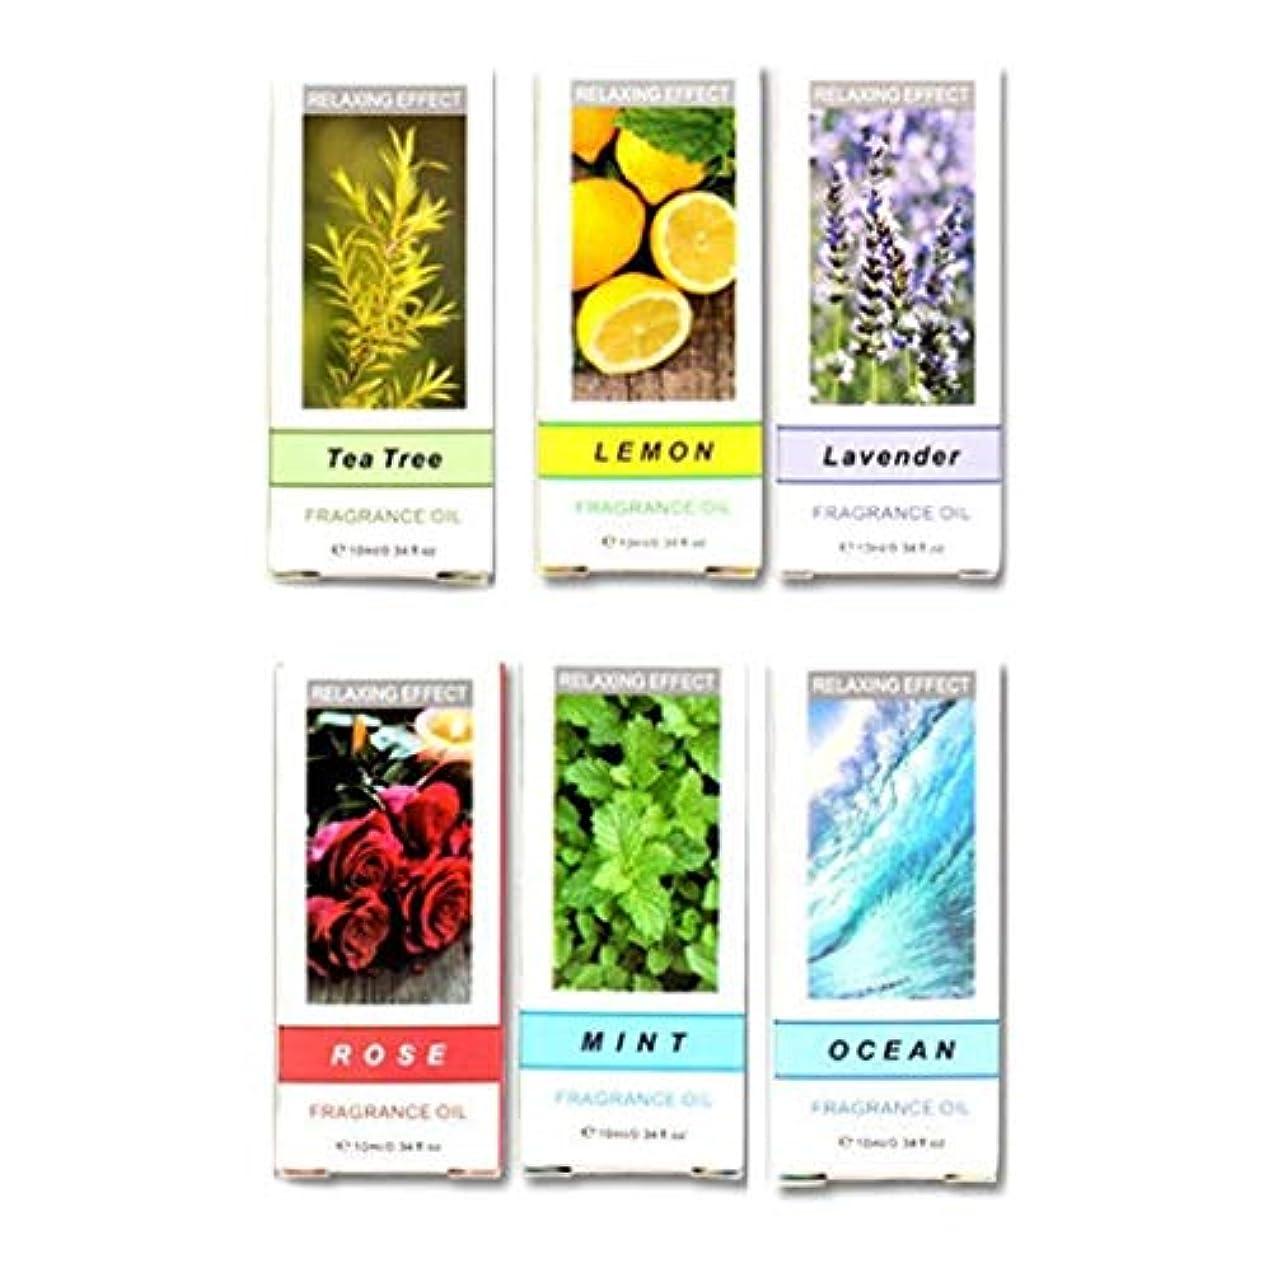 アソシエイト適応的注釈を付けるSuika Suika エッセンシャルオイル(天然水溶性) 10ml 6本入り(レモン+ティーツリー+ローズ+ミント+ラベンダー+オーシャン) 天然100%植物性 エッセンシャルオイル アロマオイル アロマ